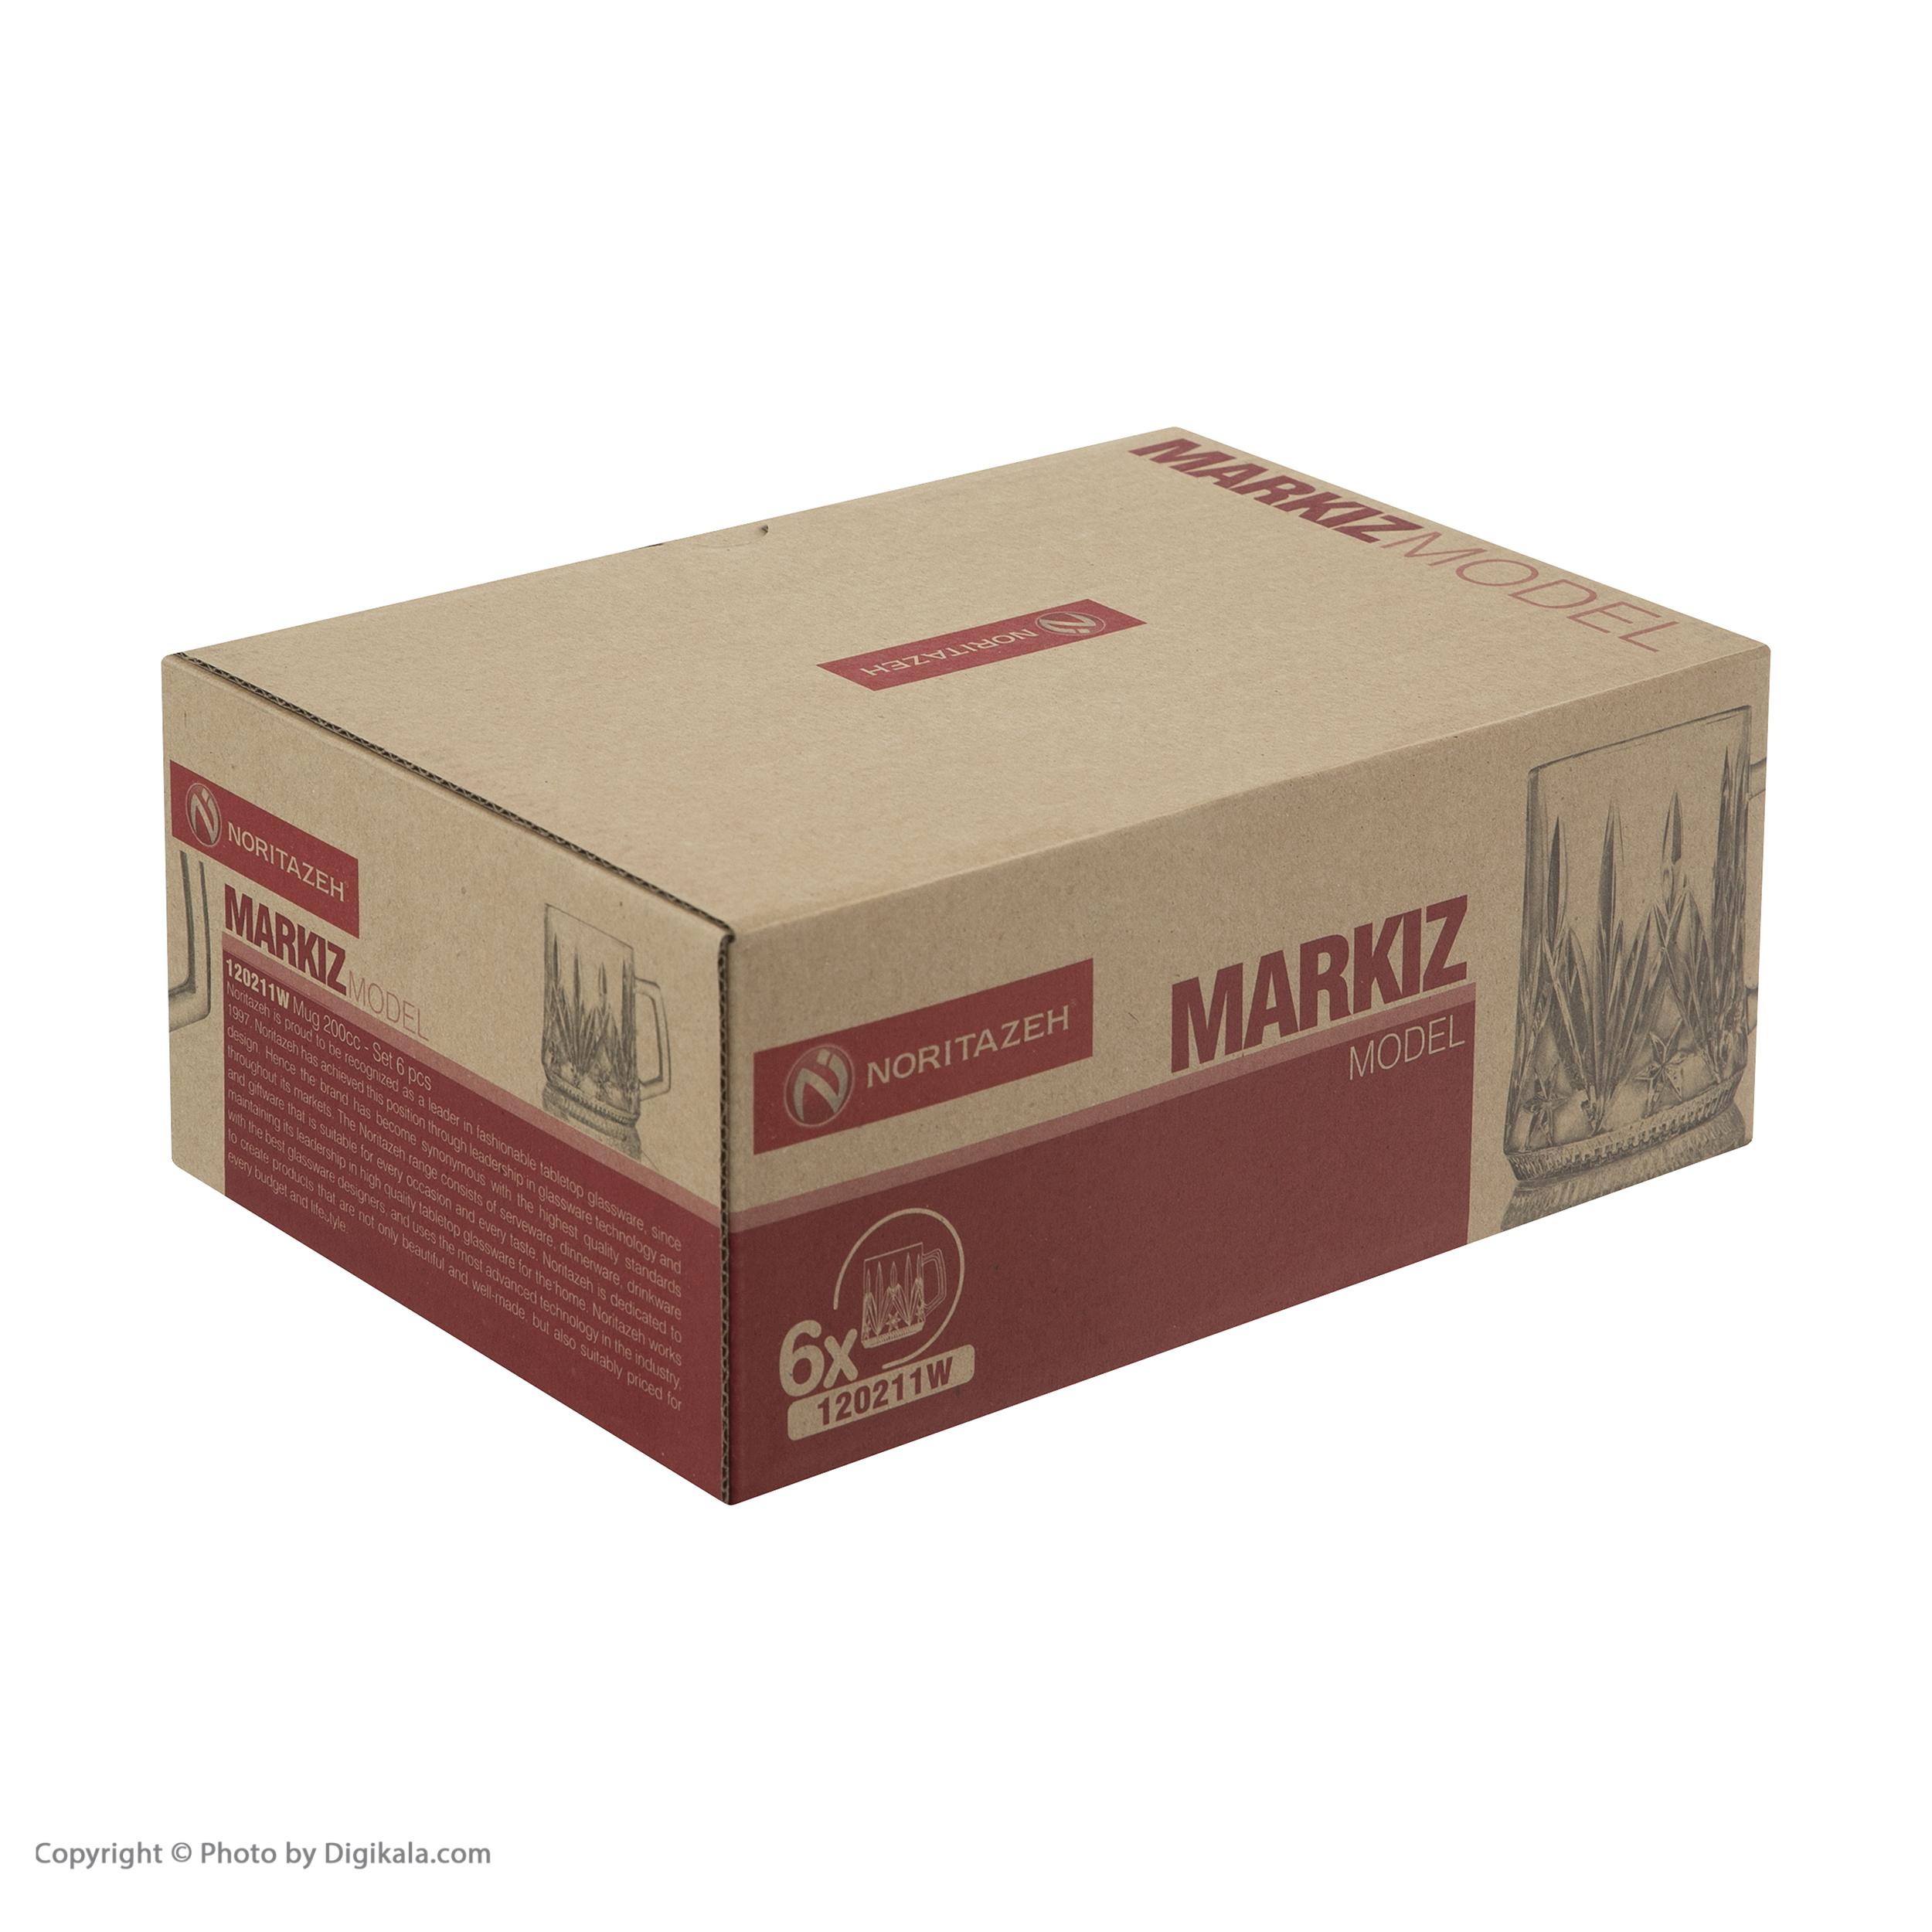 فنجان نوری تازه مدل Markiz کد 120211W بسته 6 عددی main 1 8